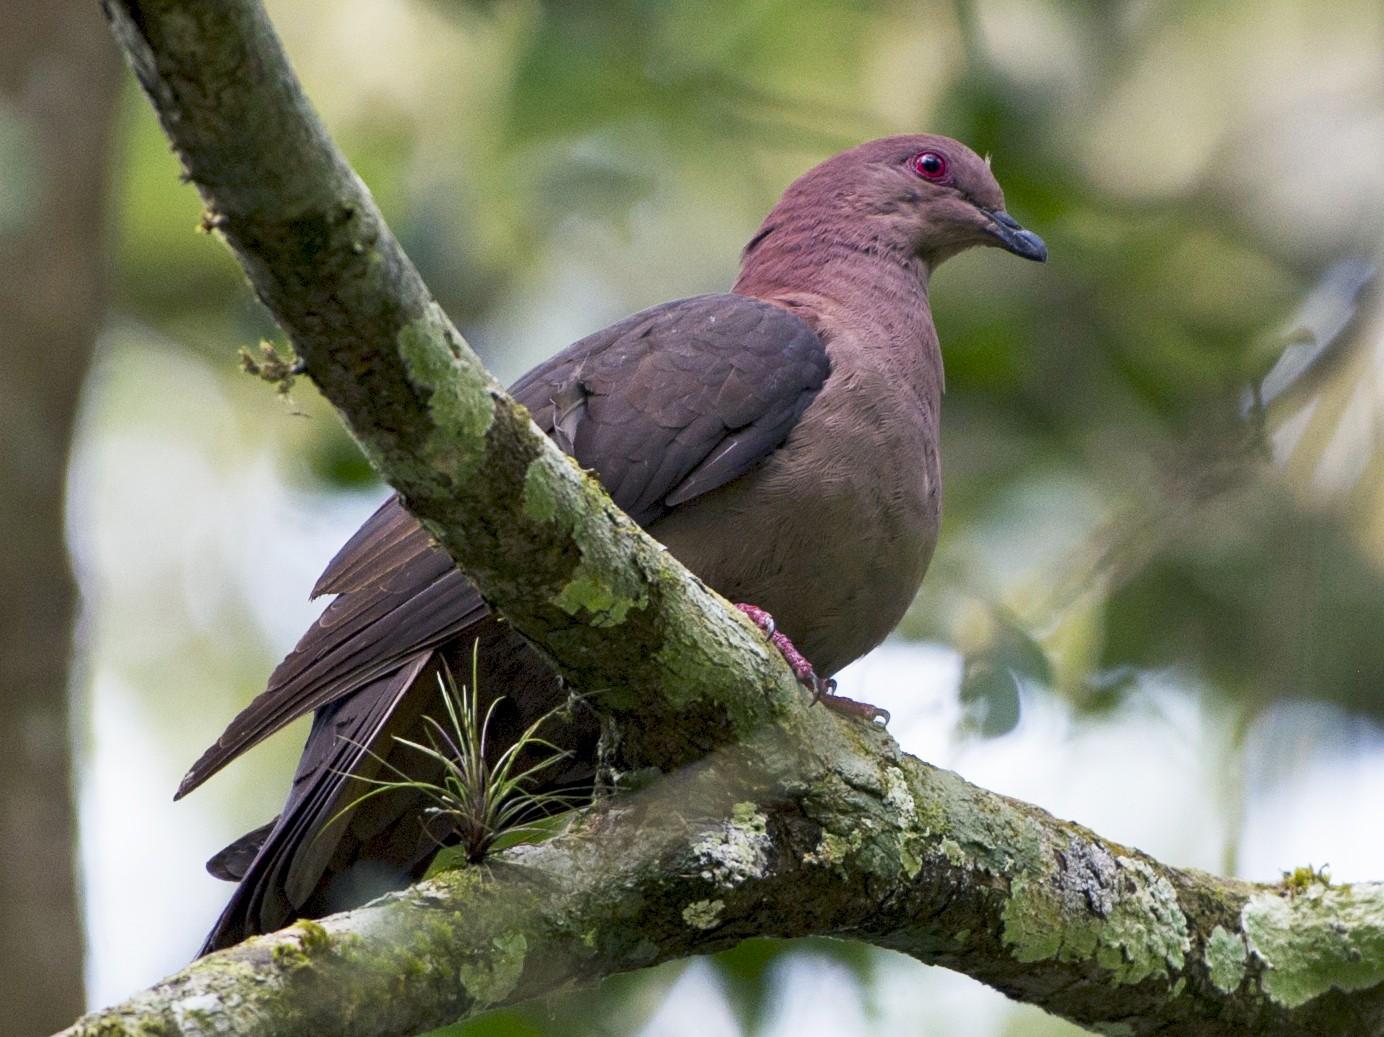 Short-billed Pigeon - John Cahill xikanel.com